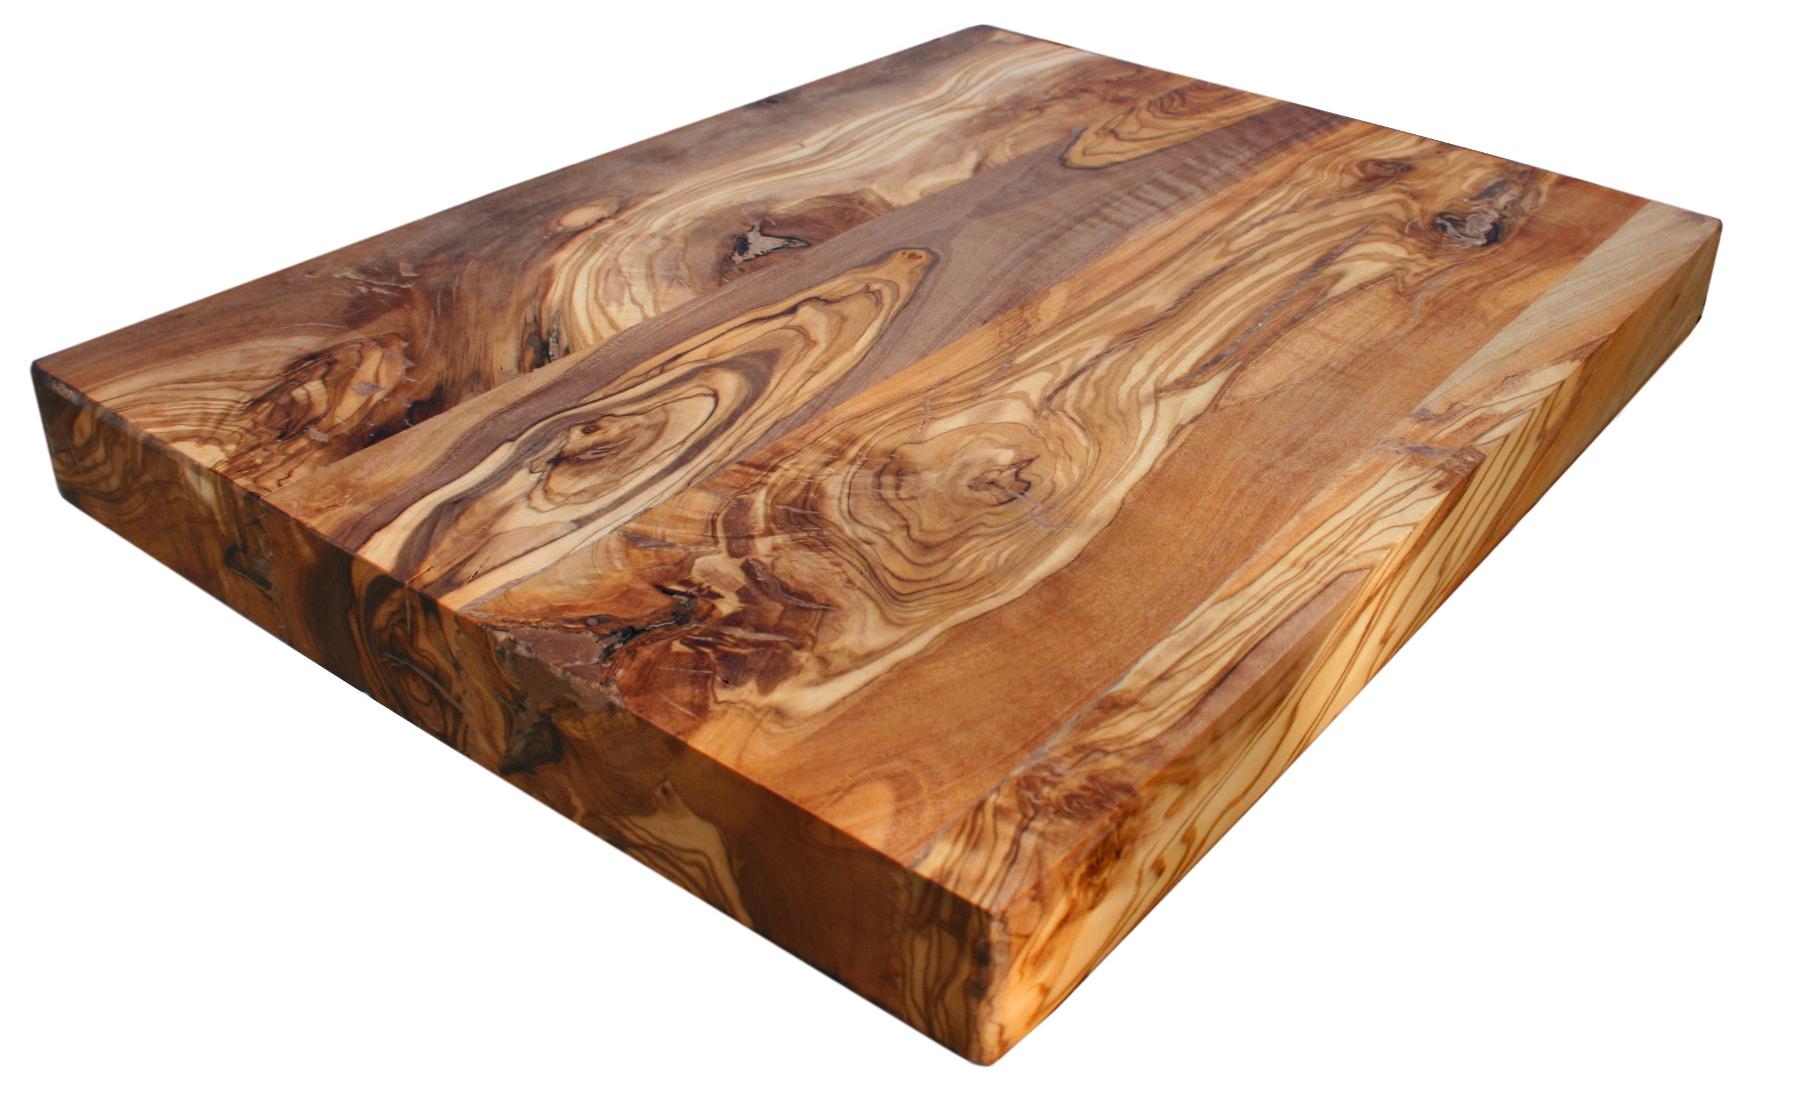 de cocina de madera de olivo